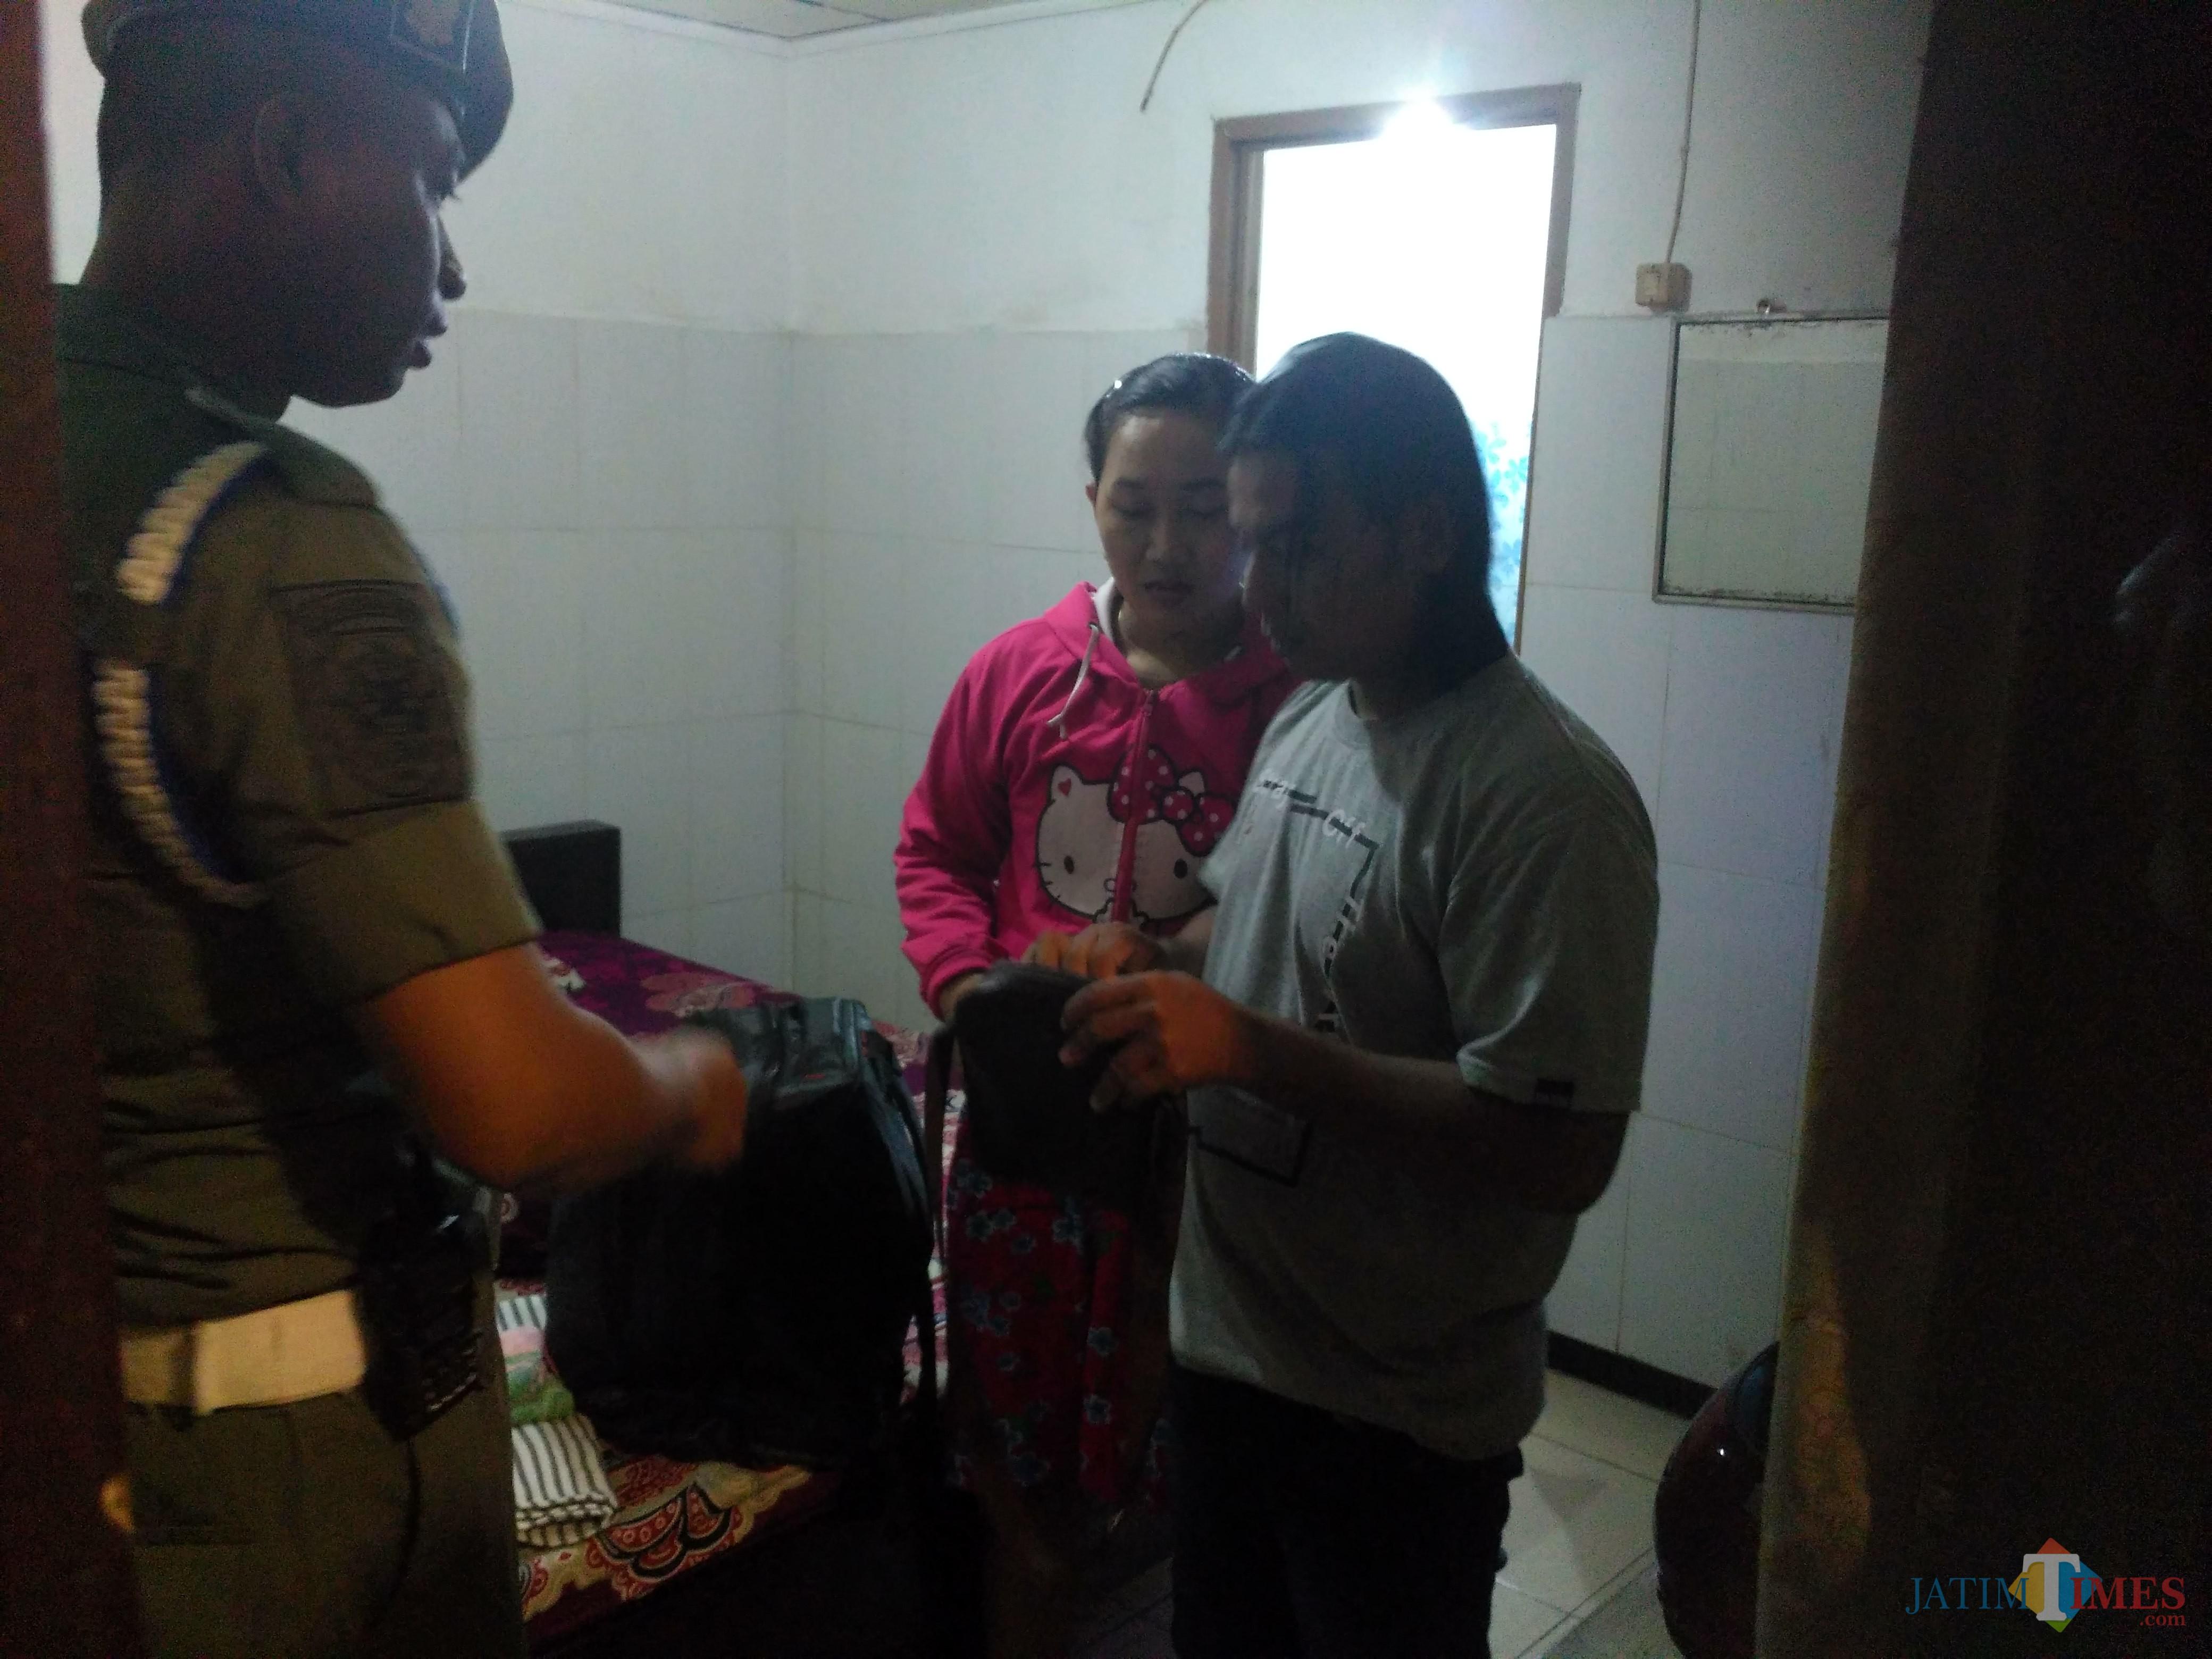 Pasangan saat digrebek beralasan sedang urus durat buat nikah, padahal rumah mereka bukan fi Tulungagung (Foto : Anang Basso / TulungagungTIMES)